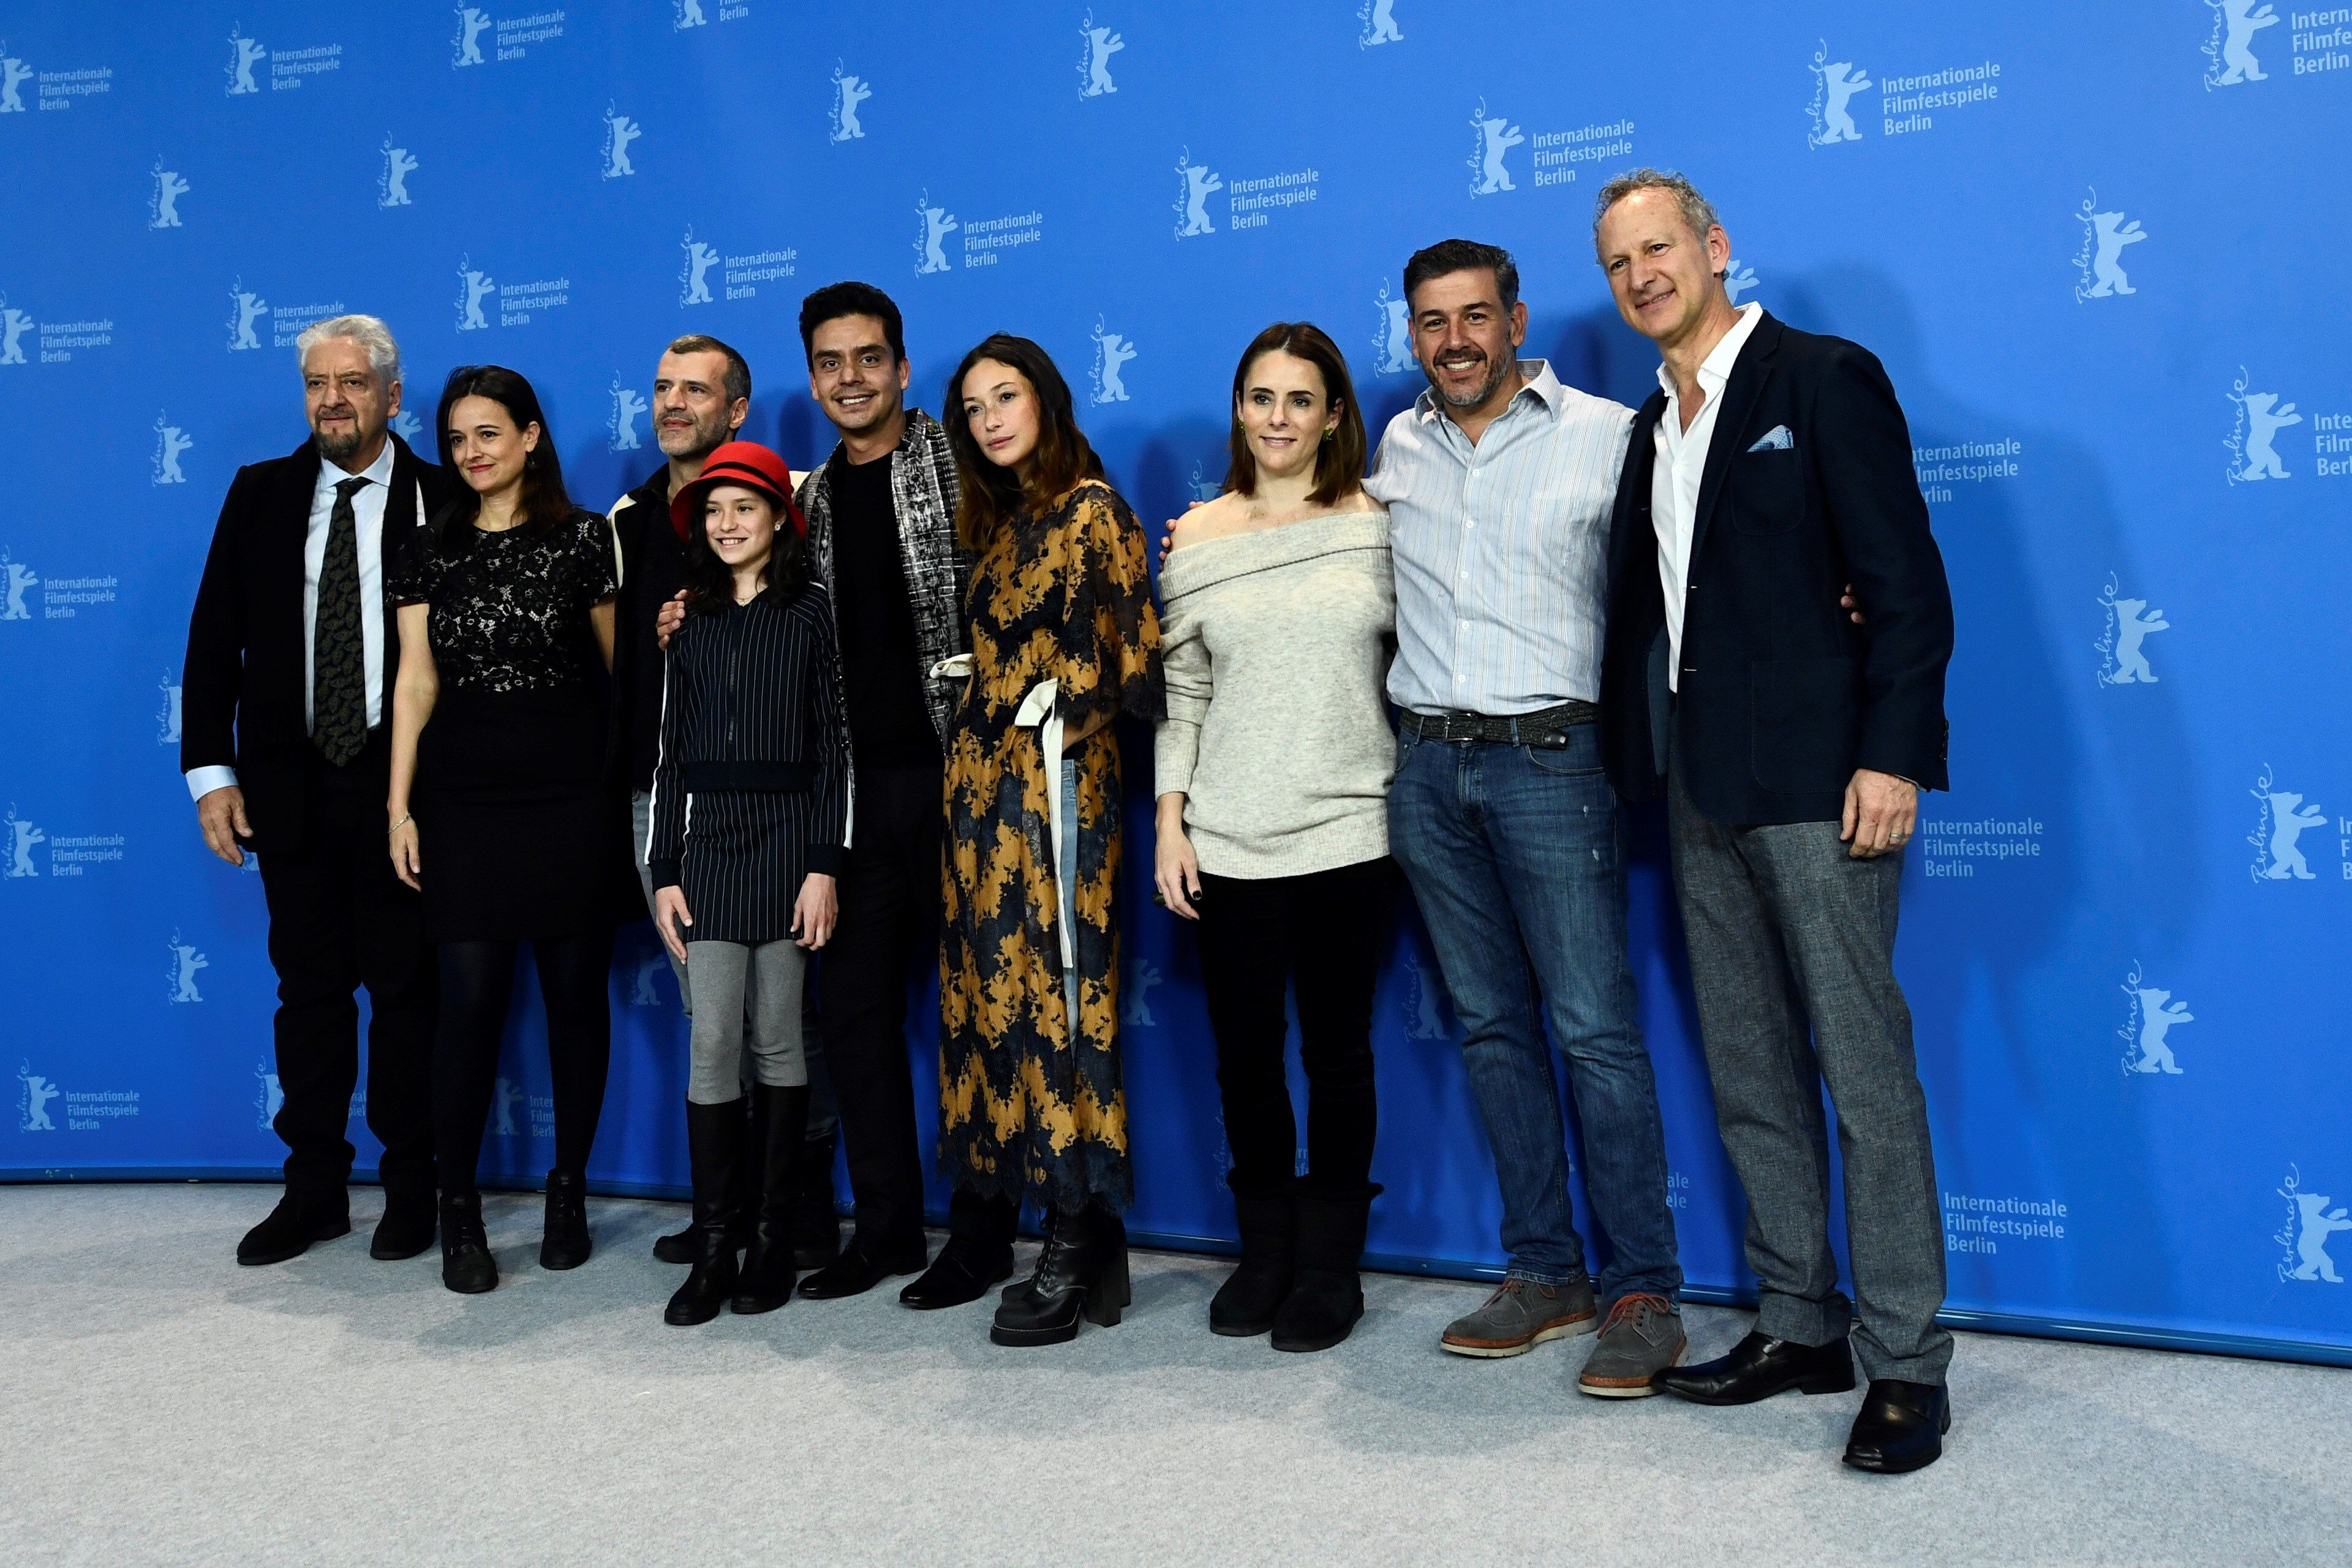 """Jayro Bustamante (c), posa junto a los actores guatemaltecos Pablo Olyslager  y Diane Bathen,  y varios miembros del reparto, durante la presentación de la película """"Temblores"""", en la 69 edición del festival Internacional de Cine de Berlín, Alemania.  (Foto Prensa Libre: EFE)"""